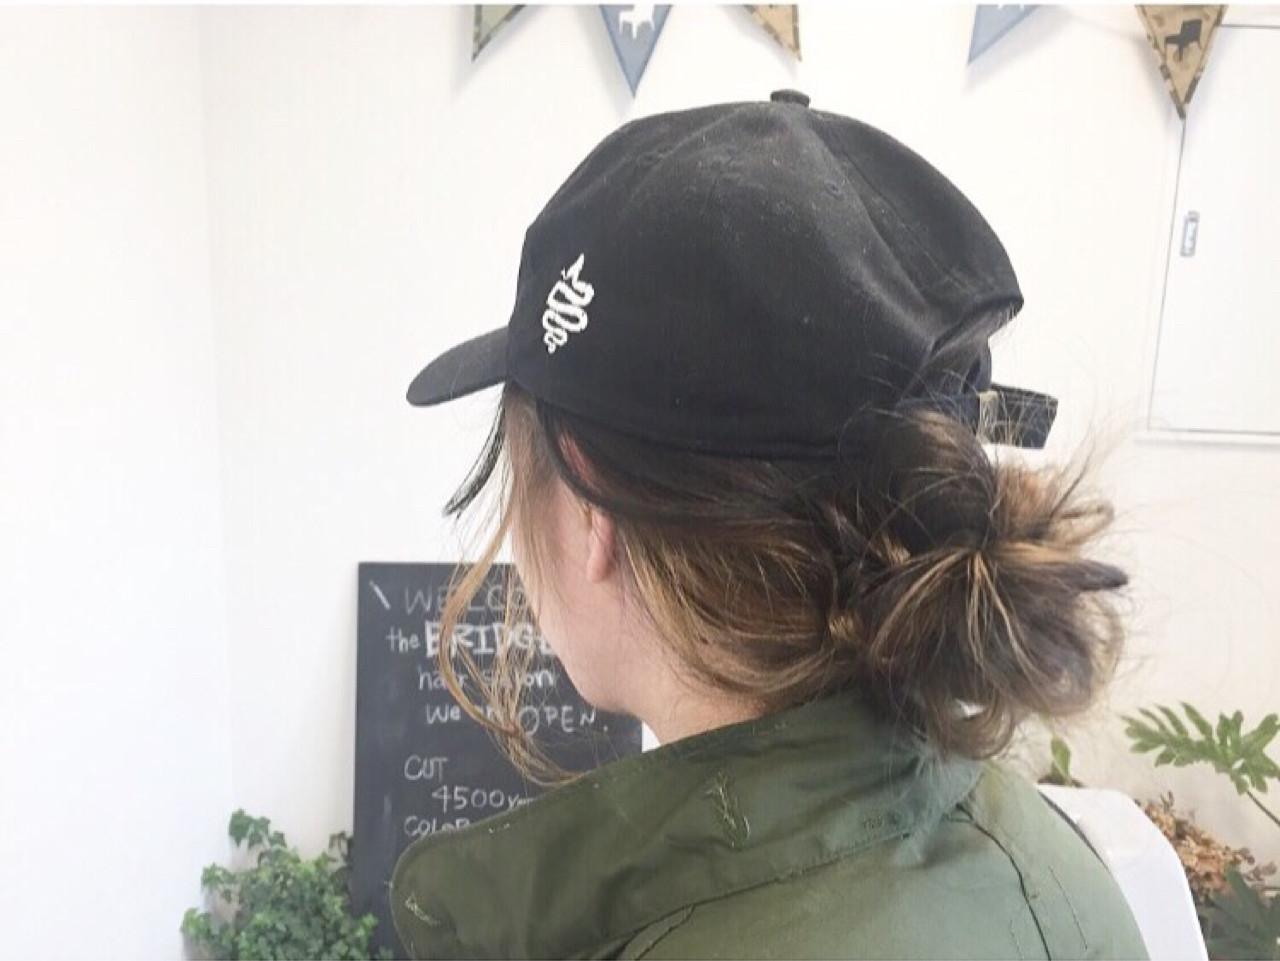 音楽フェスの必需品!帽子に合わせるおしゃれヘアアレンジ集 三木 康平